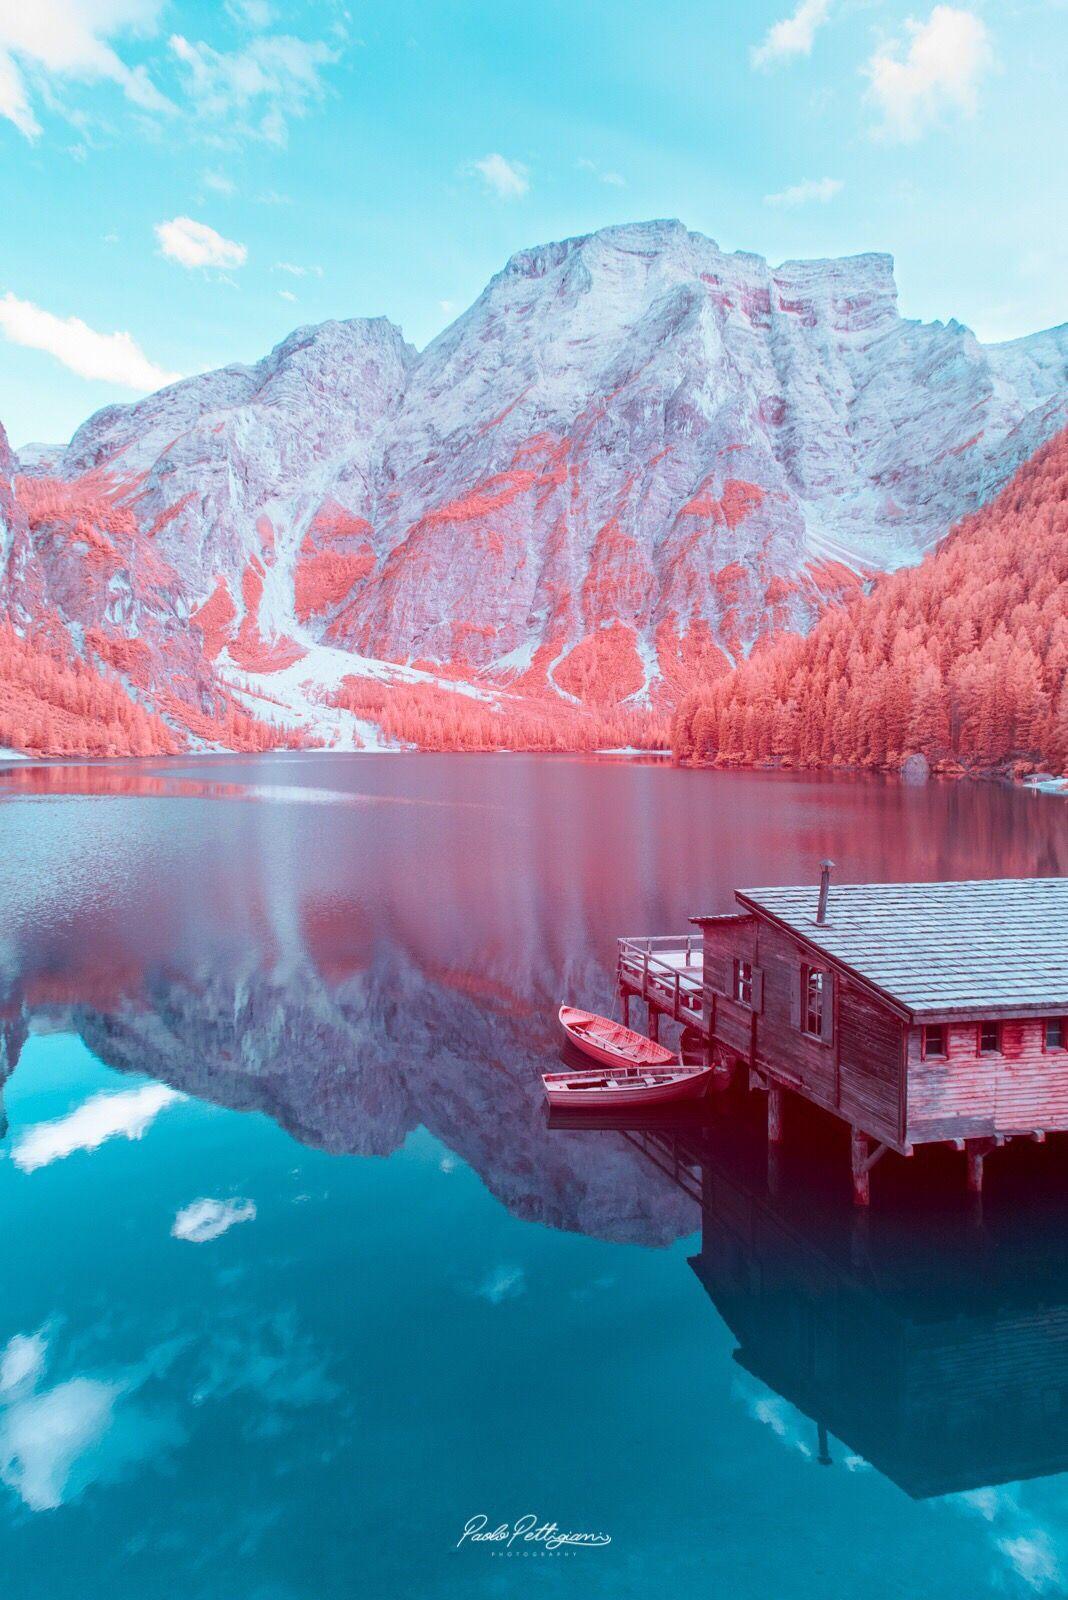 dolomite mountains italy image lake